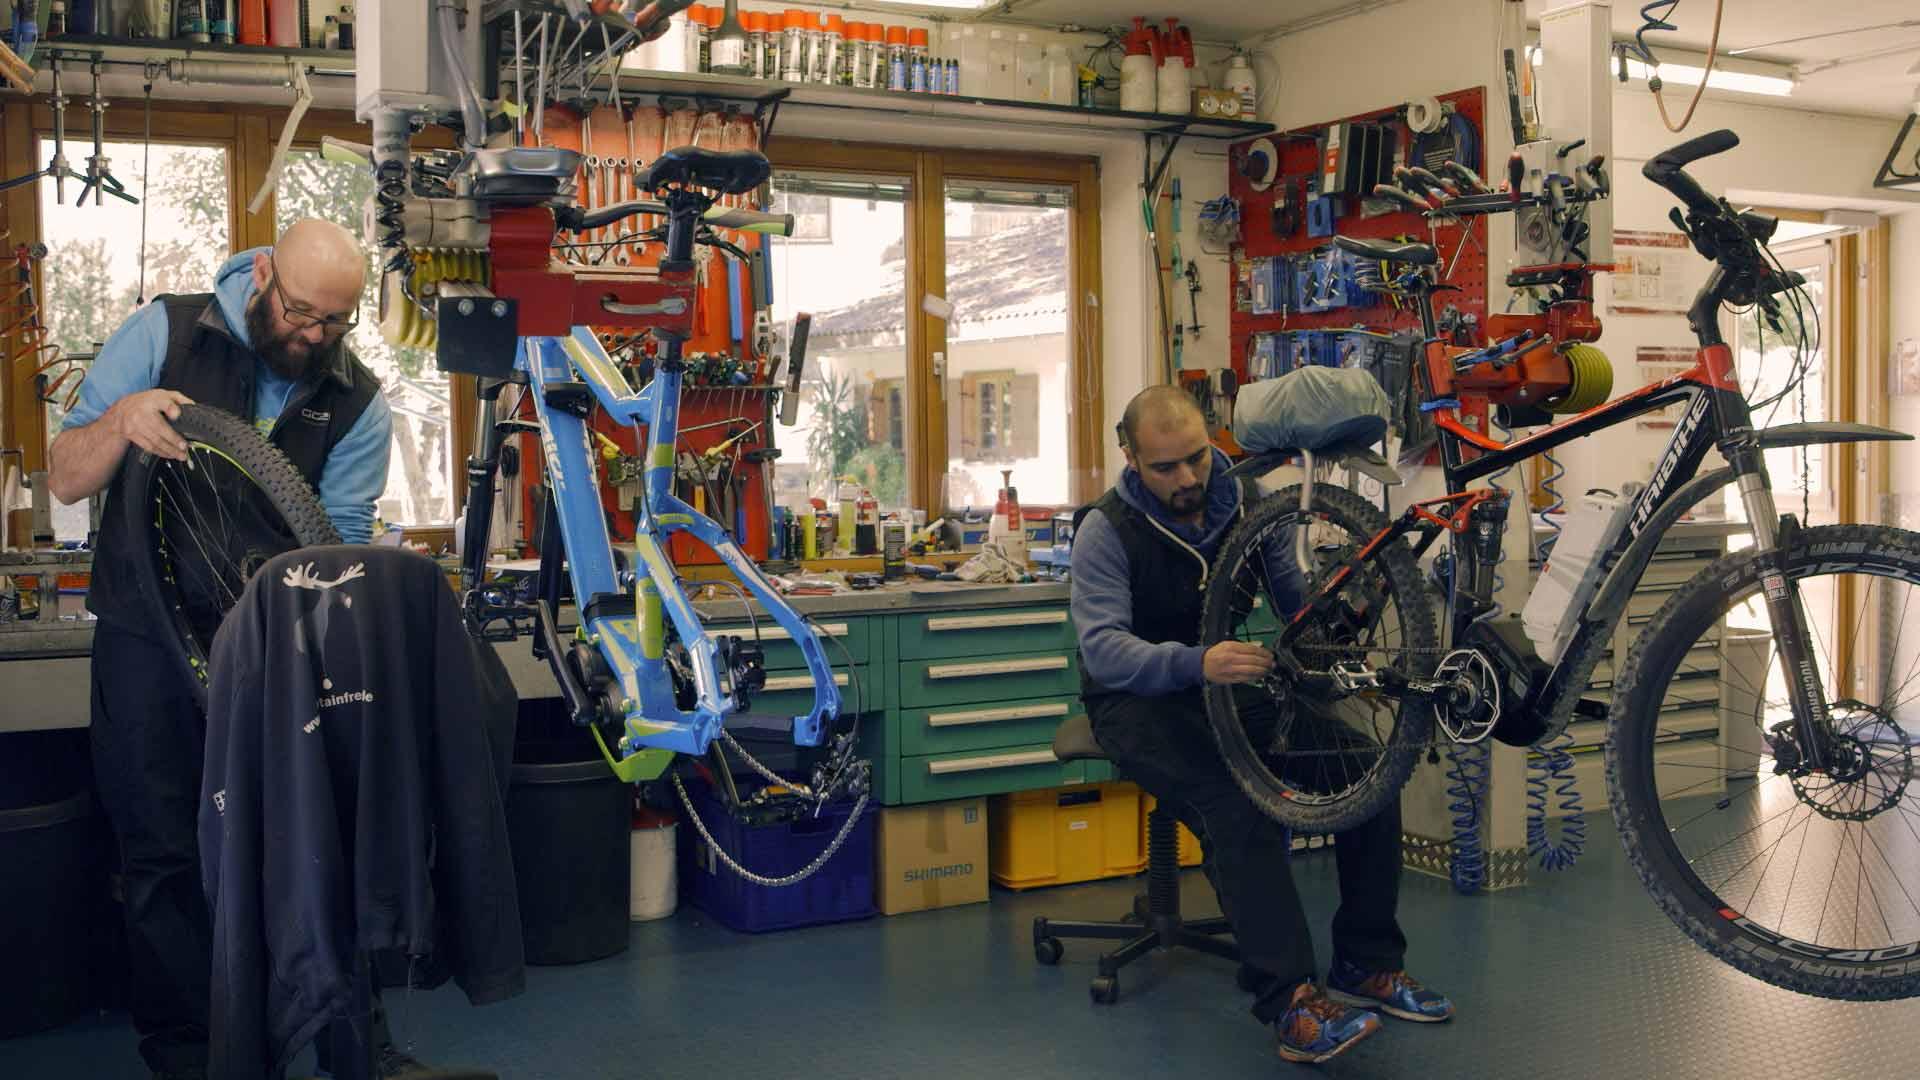 Syrer arbeitet in einer Fahrrad-Werkstatt